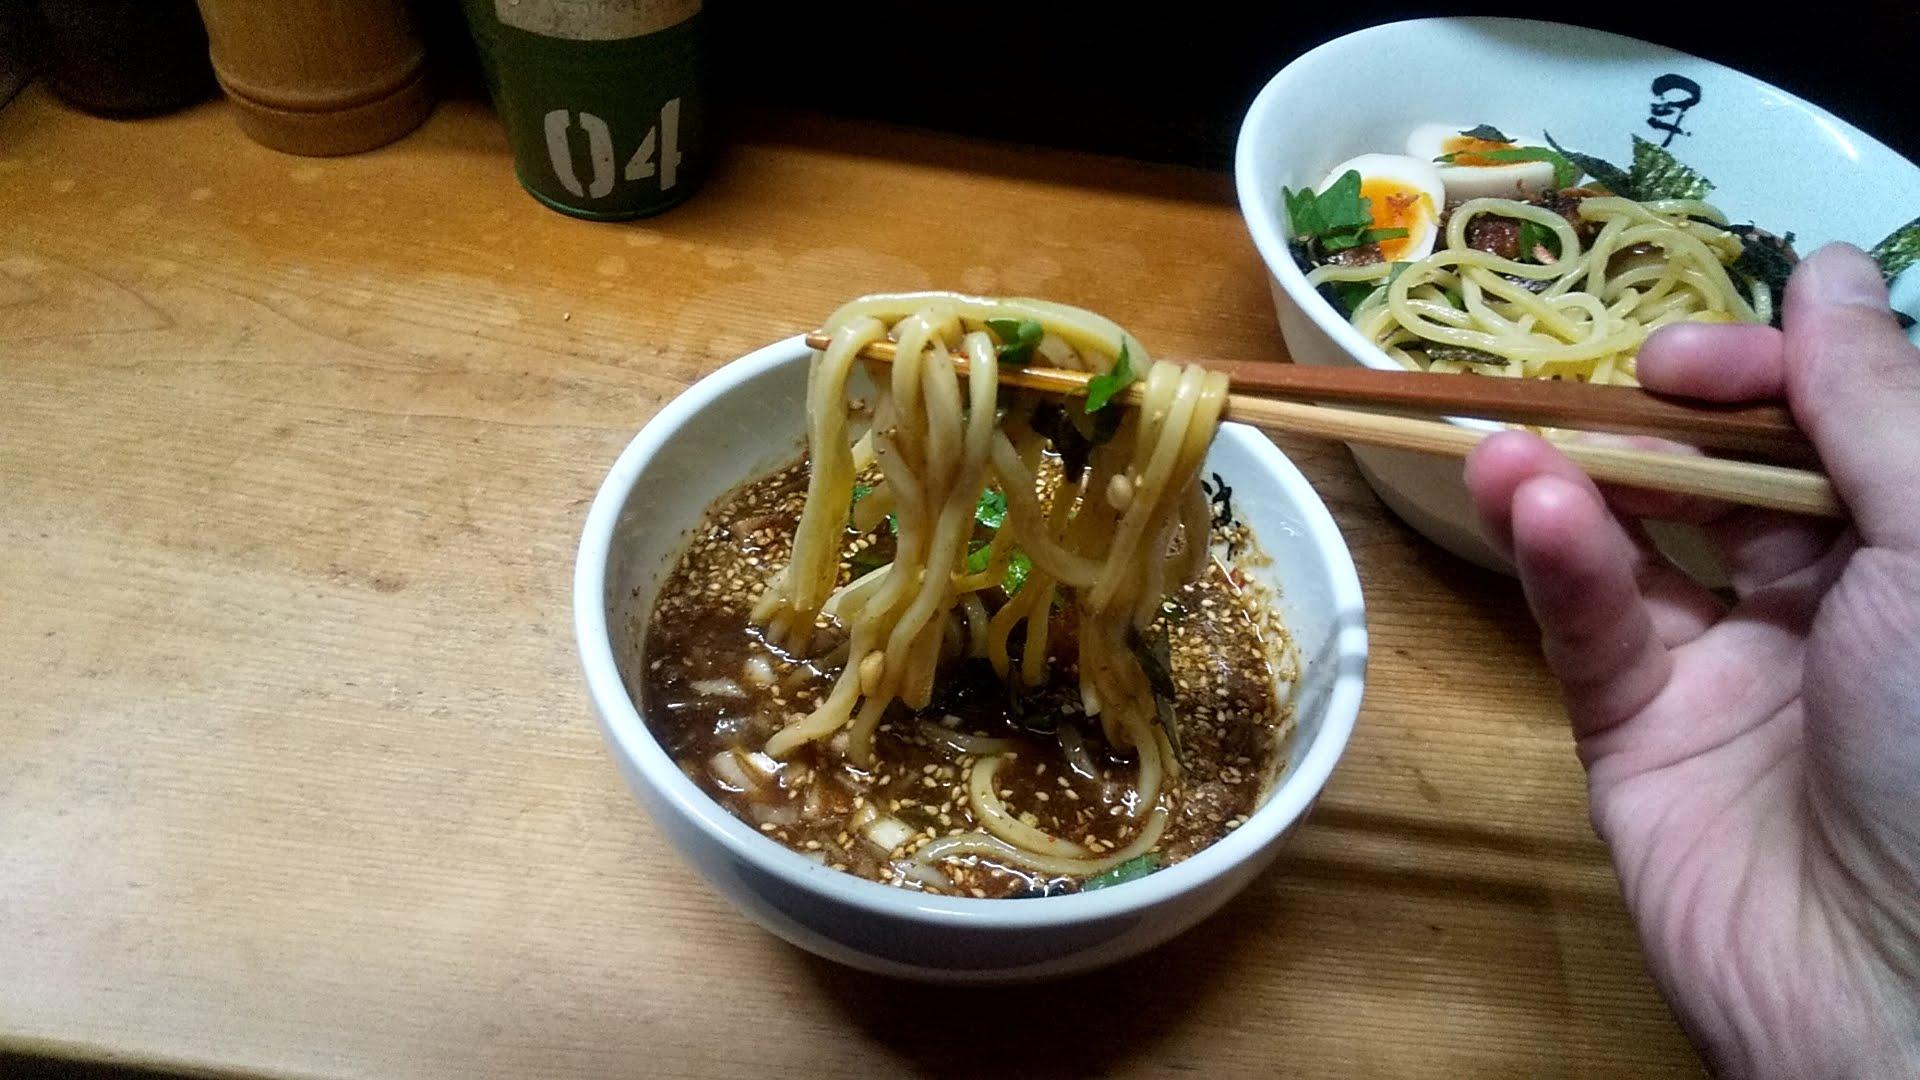 つけ麺千兵衛のゴマしそつけ麺の麺リフト写真